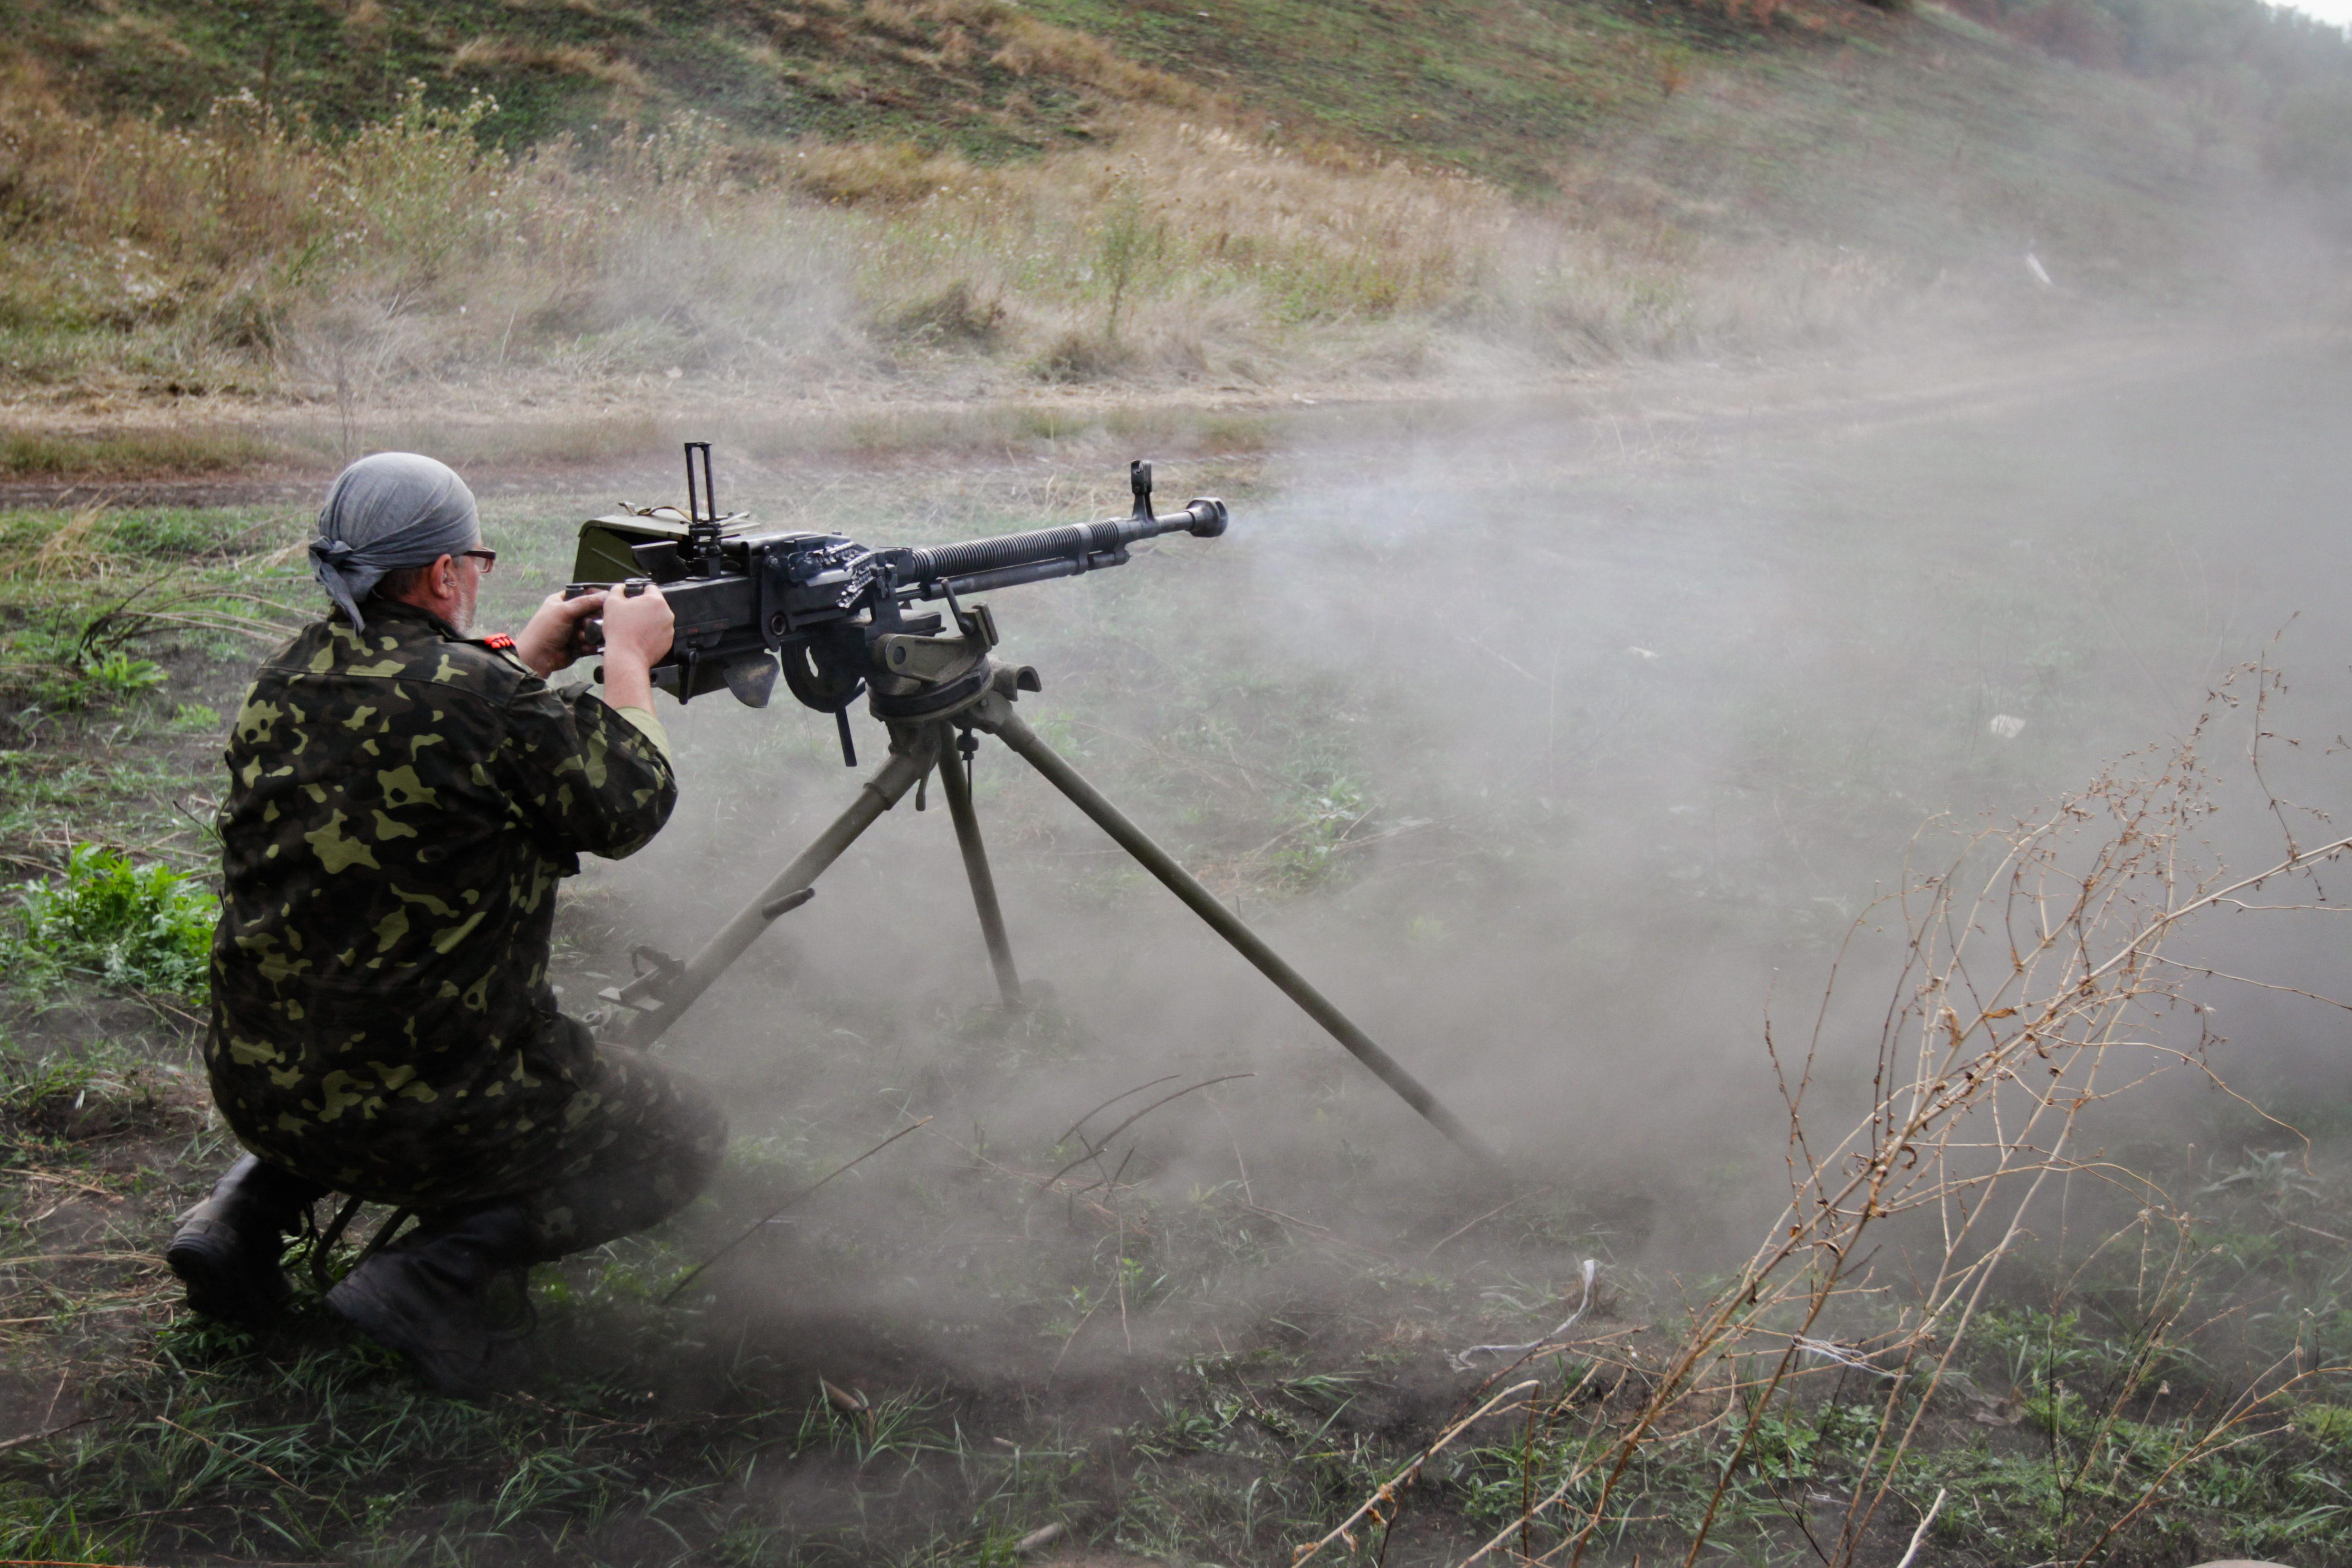 Солдат украинской армии ведет стрельбу из крупнокалиберного пулемета